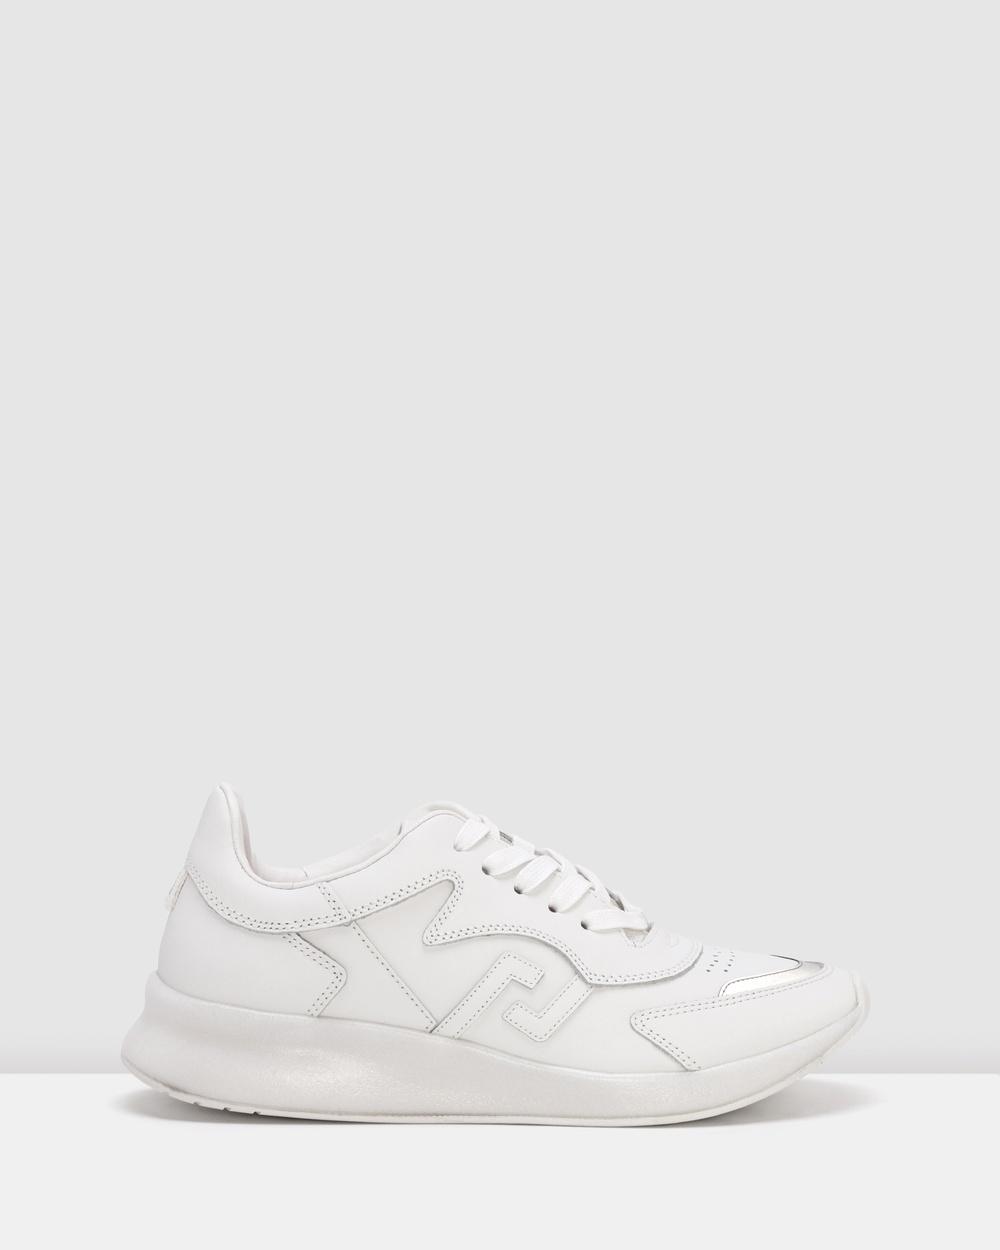 Rollie Weekender Sneakers Lifestyle White Australia